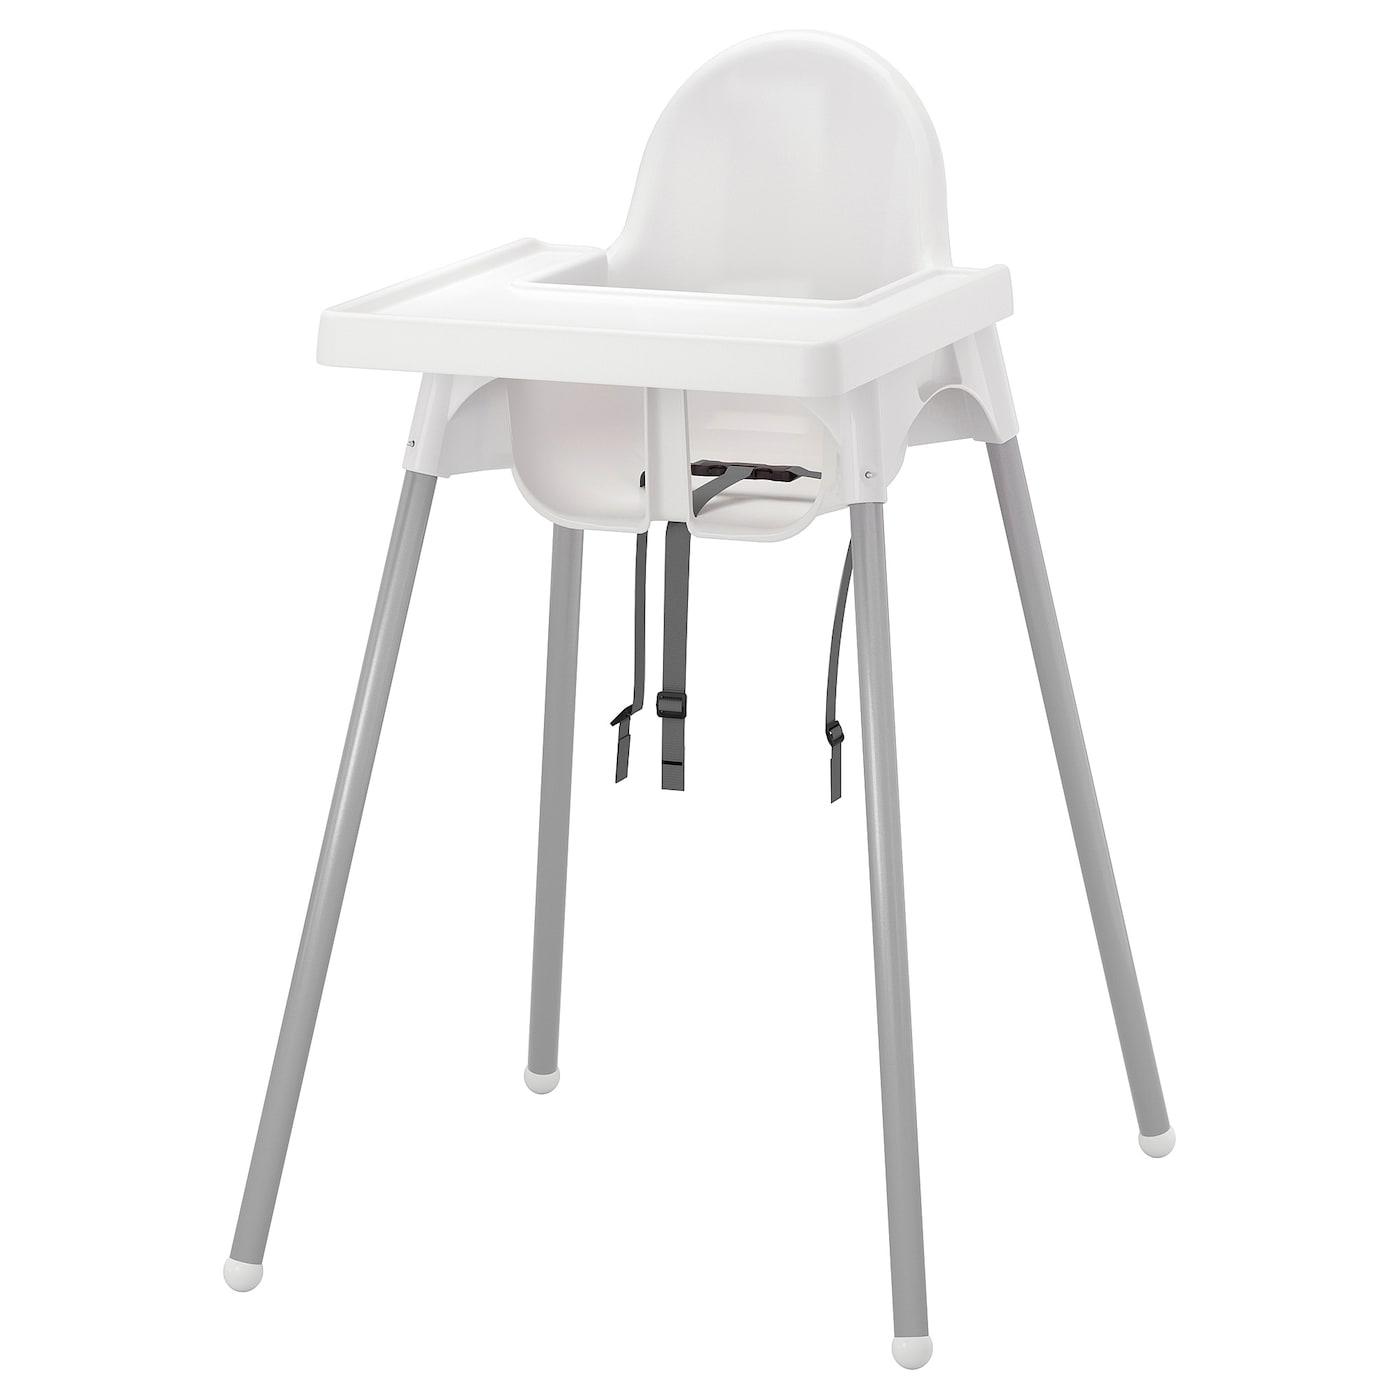 ANTILOP Krzesełko do karmienia srebrny biały, srebrny